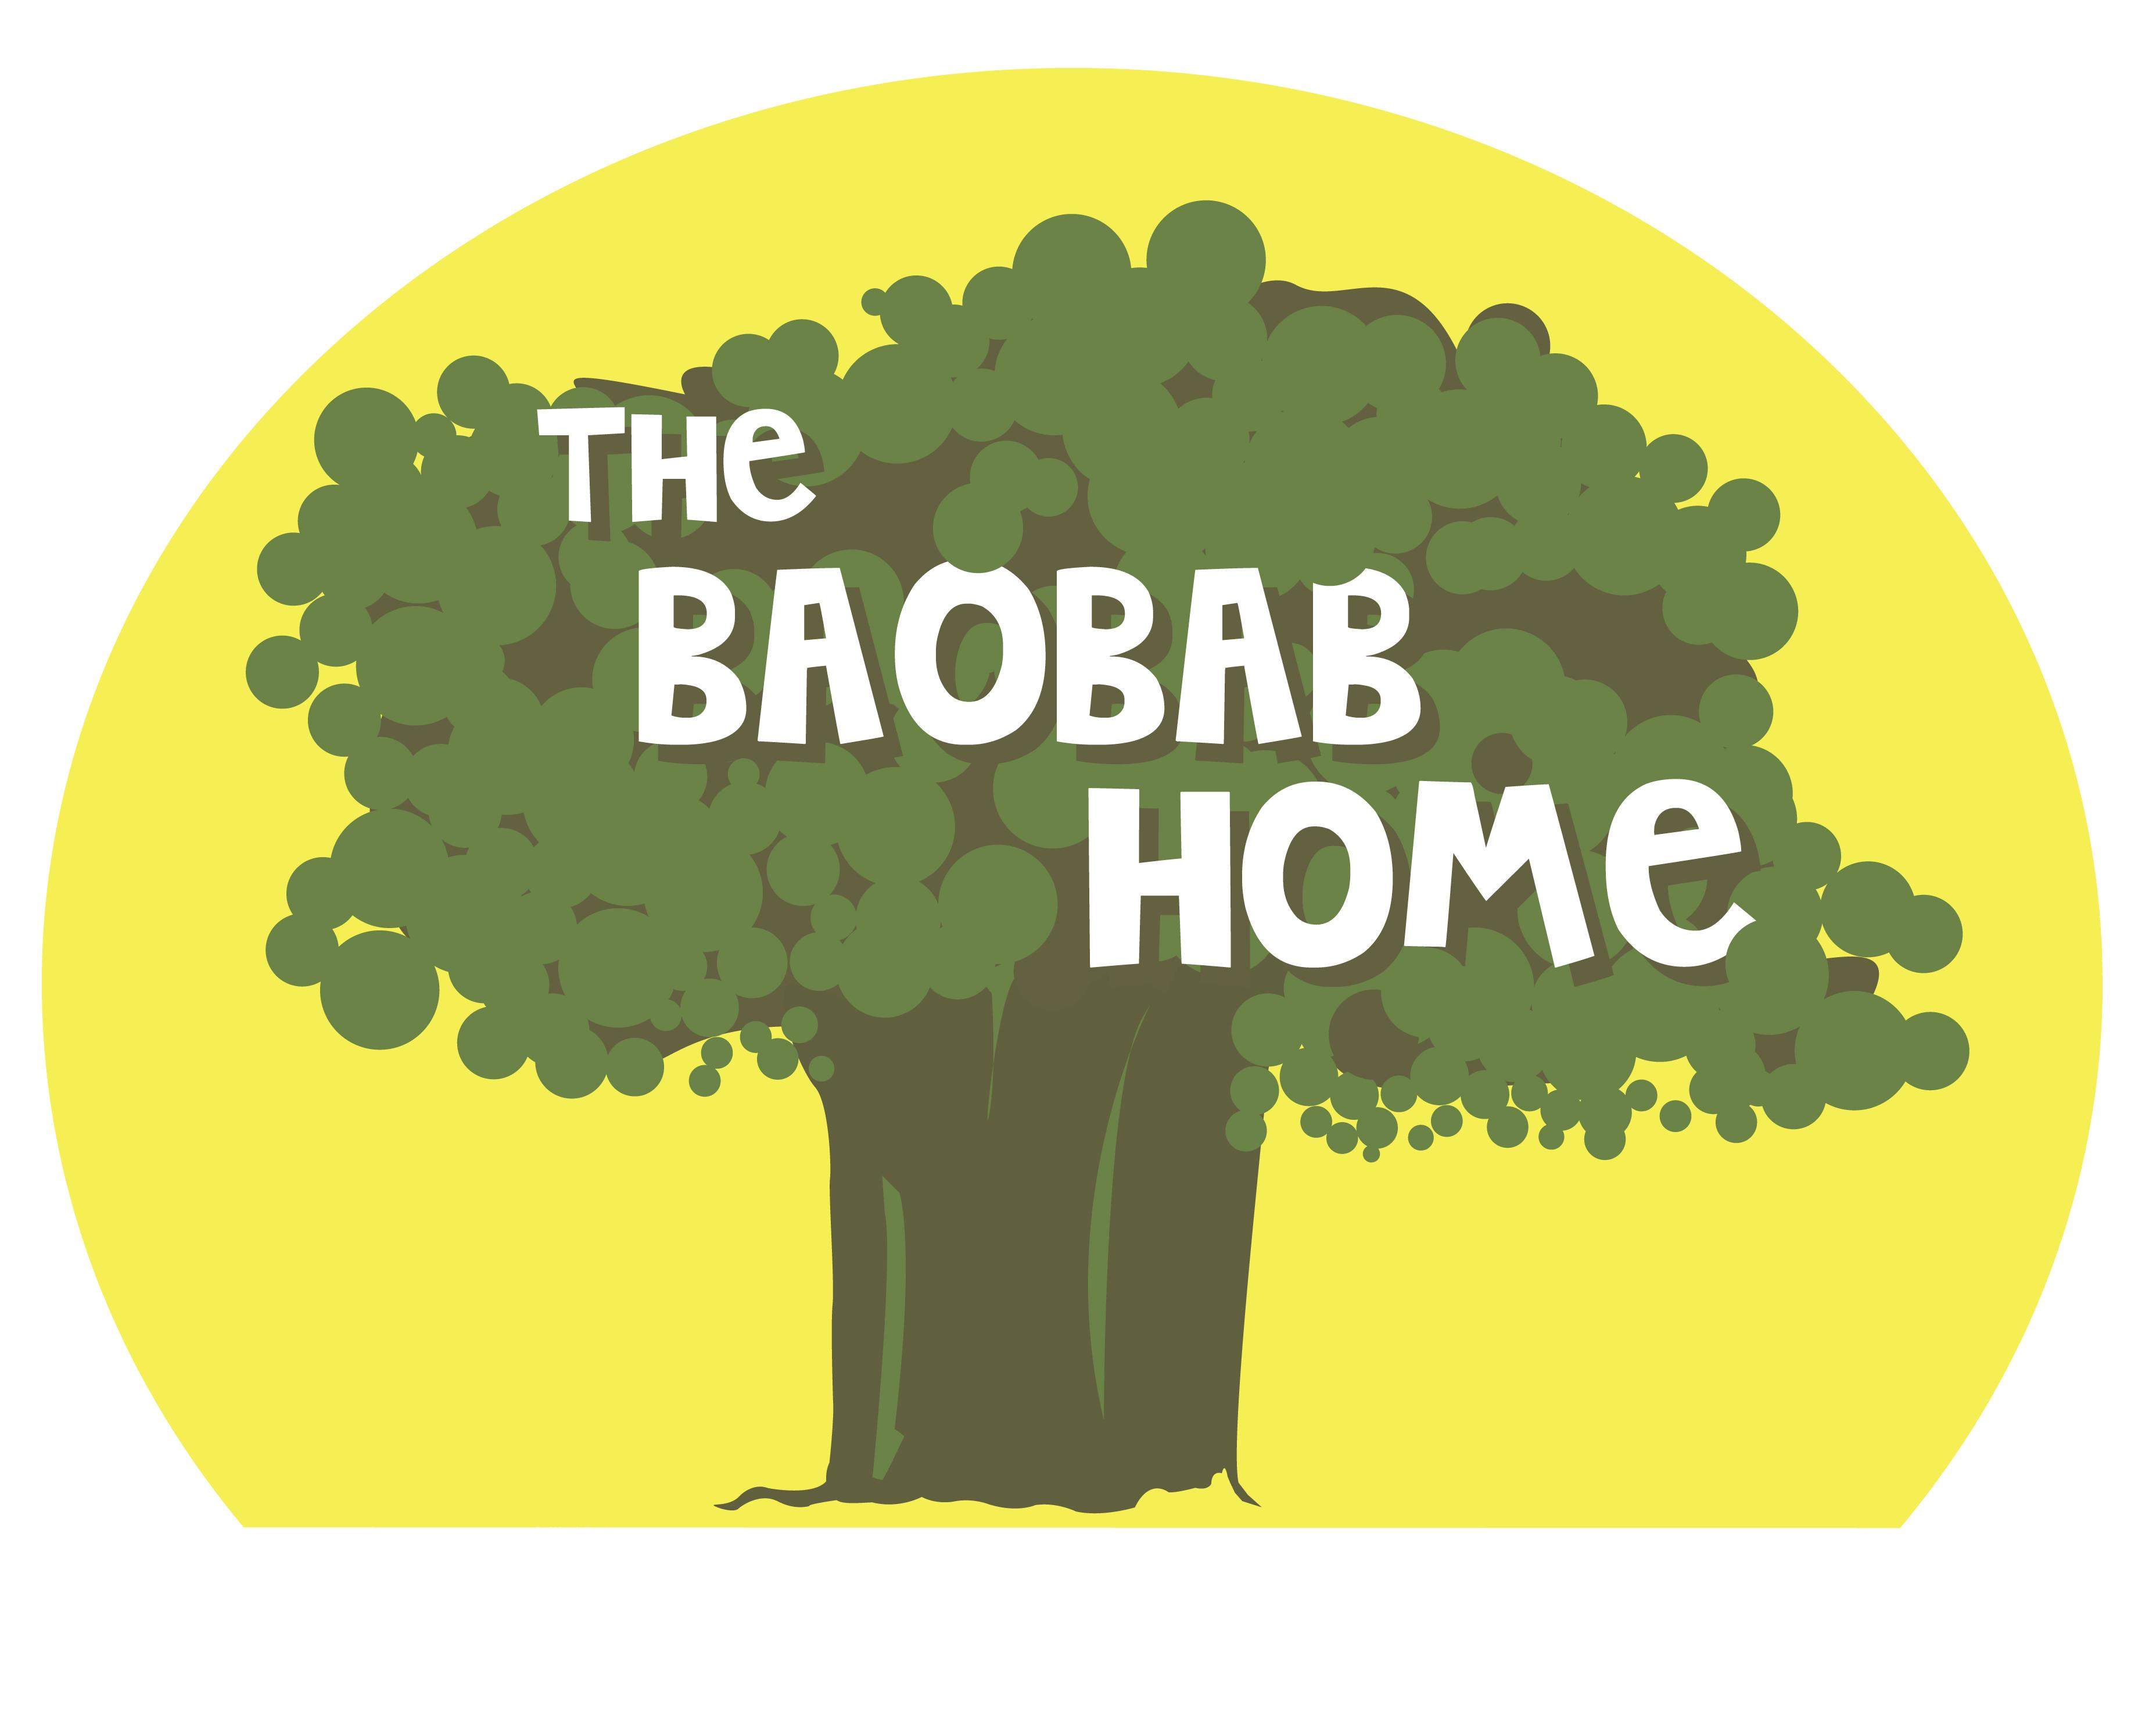 The Baobab Home